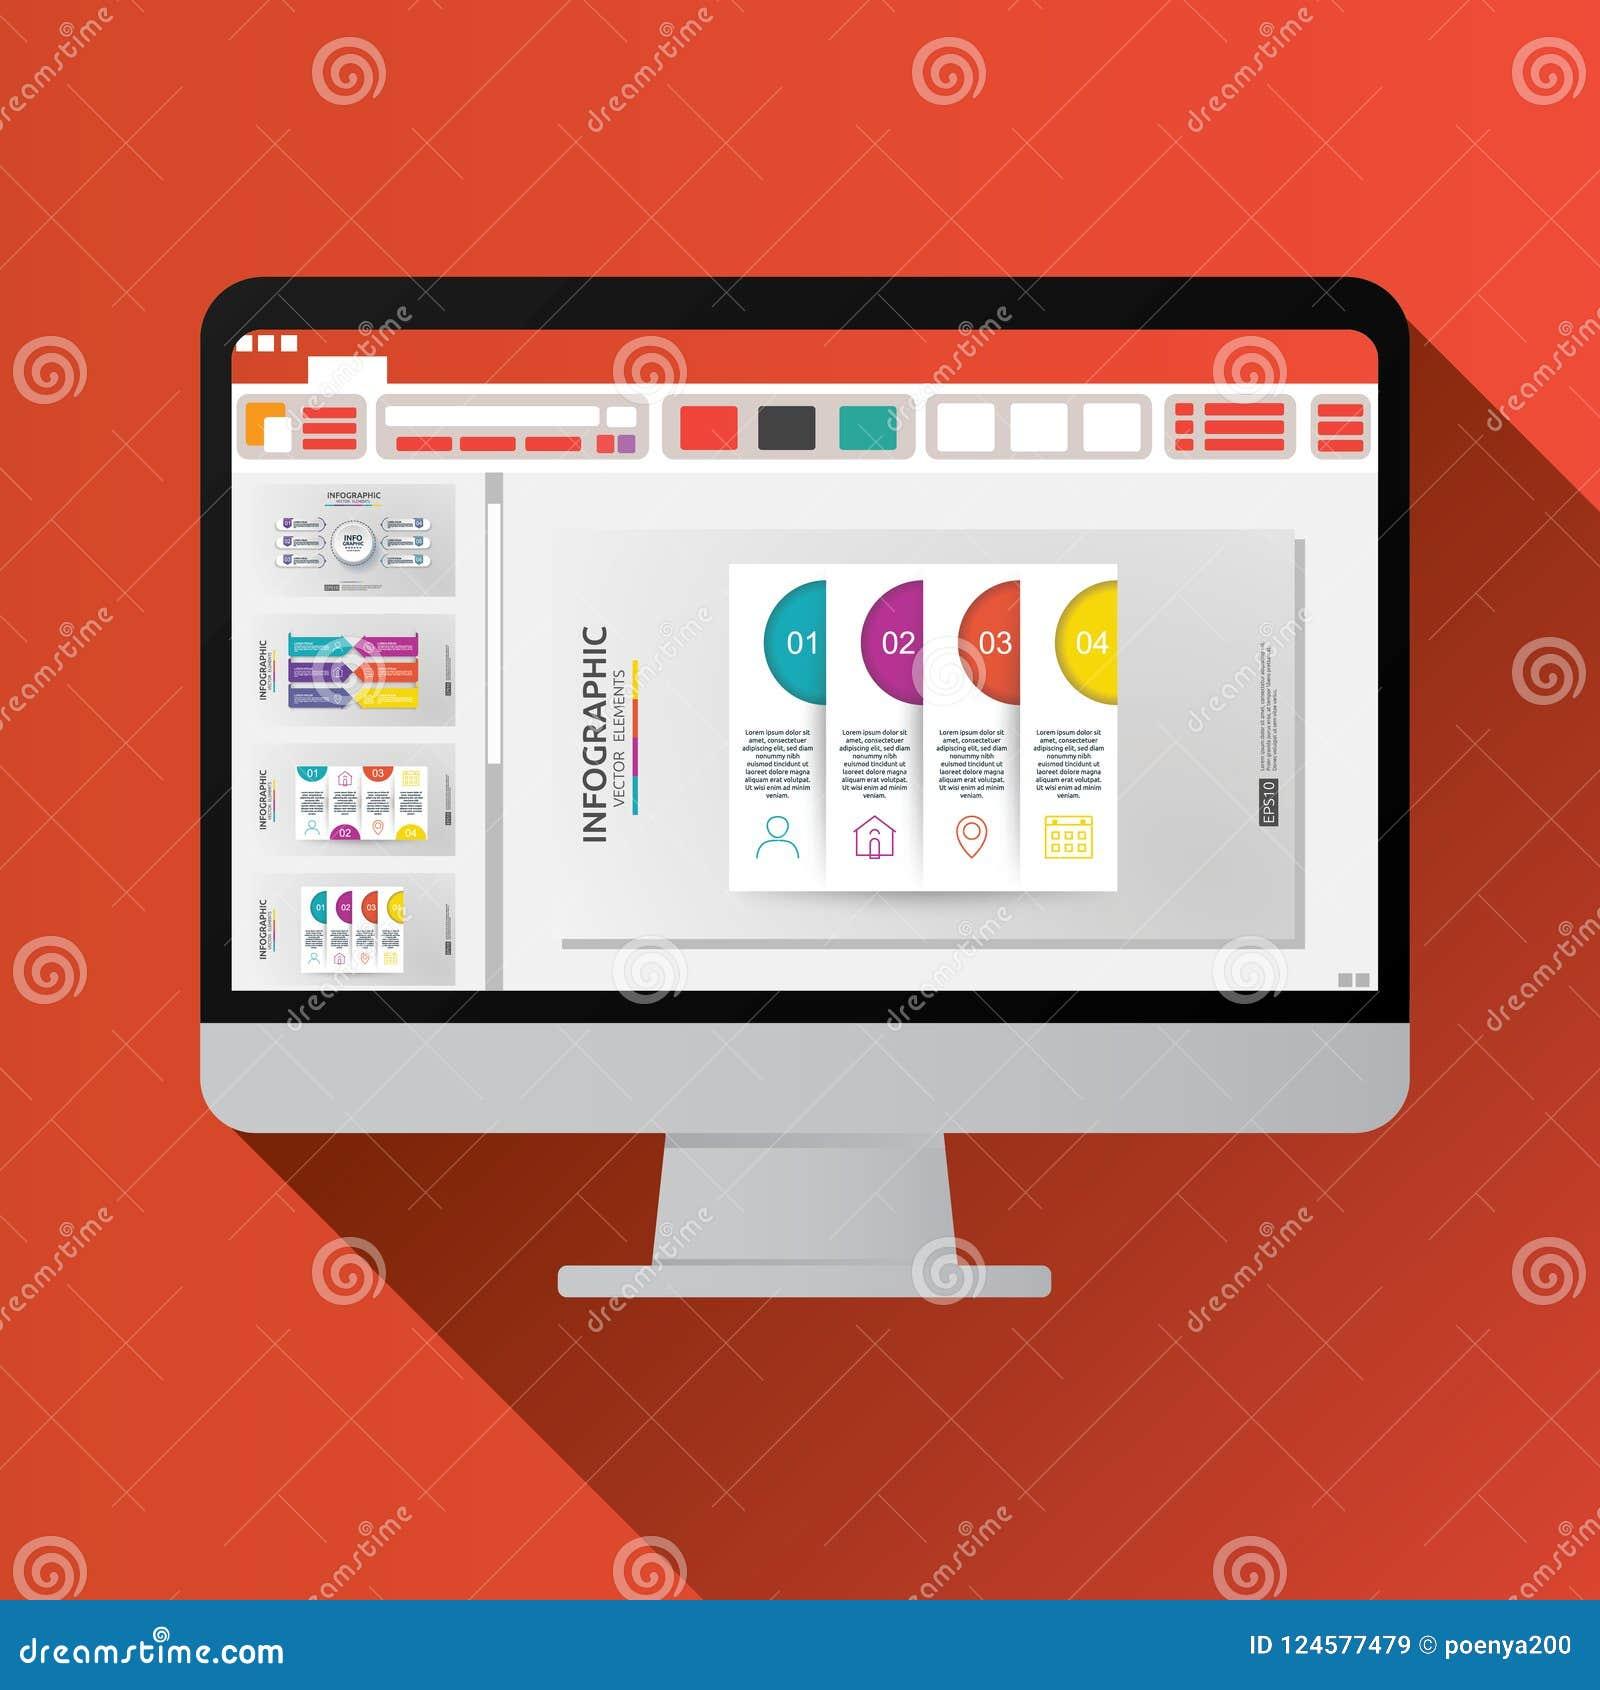 Diapräsentation auf flacher Ikone des Bildschirms Bereichsdiagramm ENTER-Taste auf weißer Tastatur Bürosachen für die Planung und